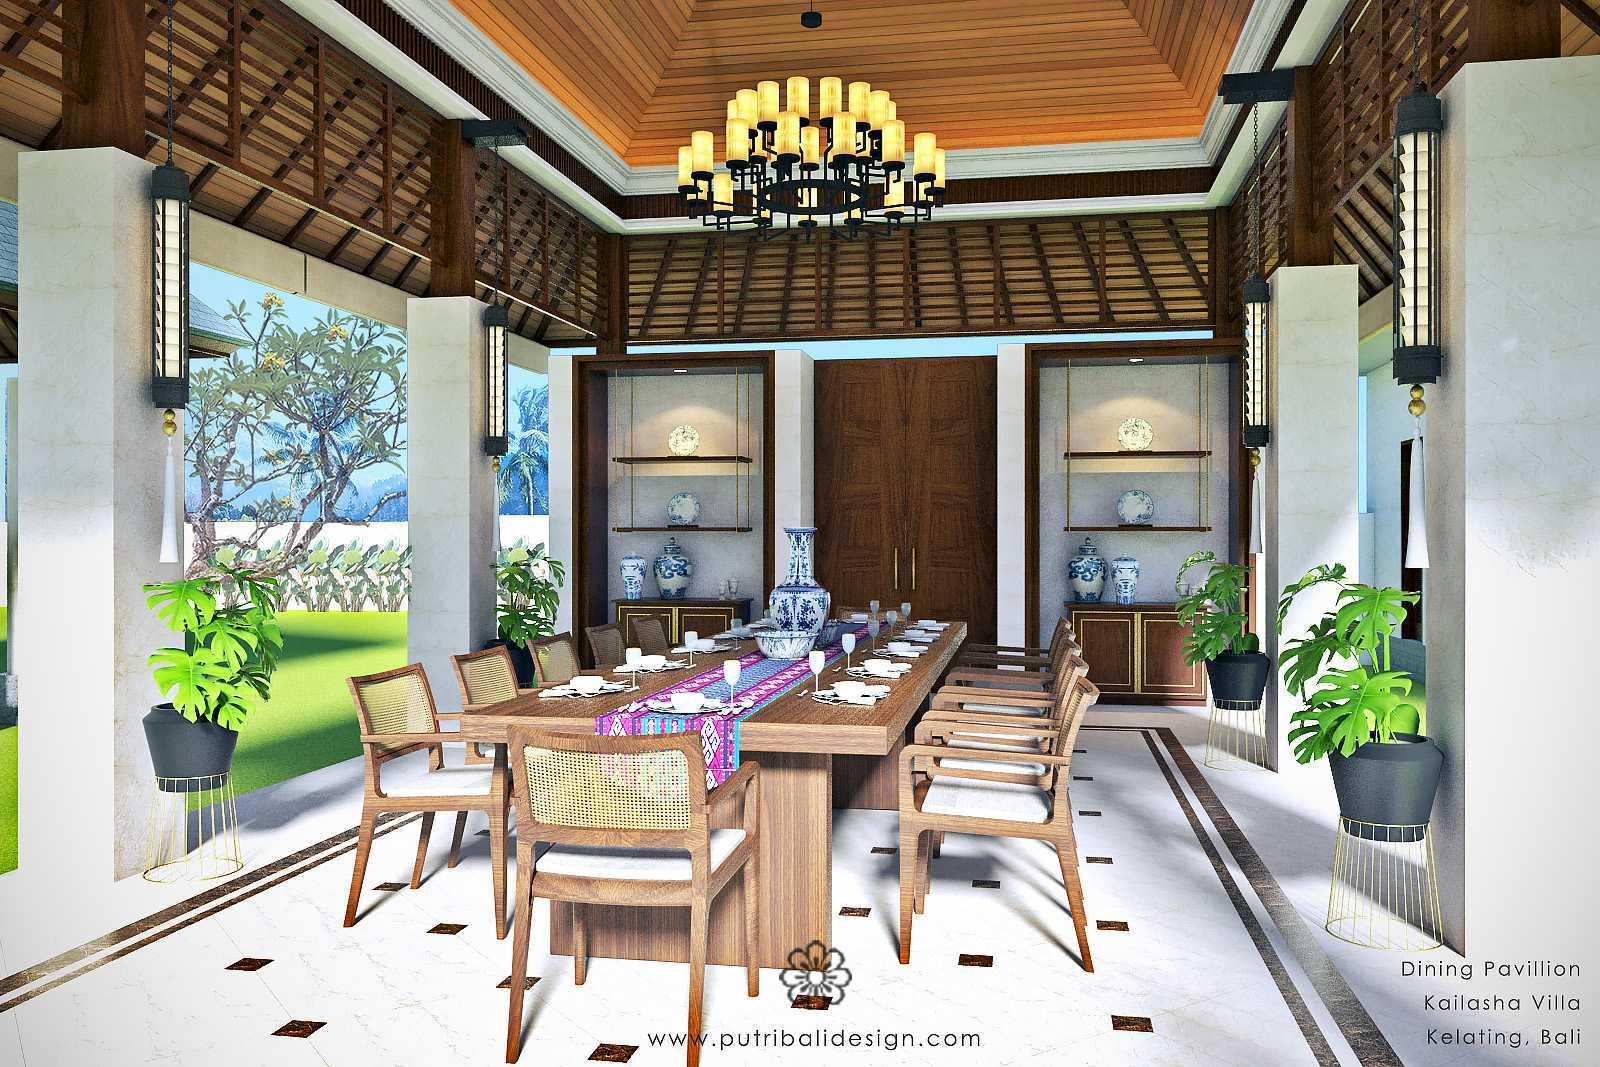 Putri Bali Design Kailasha Villa Kabupaten Tabanan, Bali, Indonesia Kabupaten Tabanan, Bali, Indonesia Putri-Bali-Design-Kailasha-Villa   86468